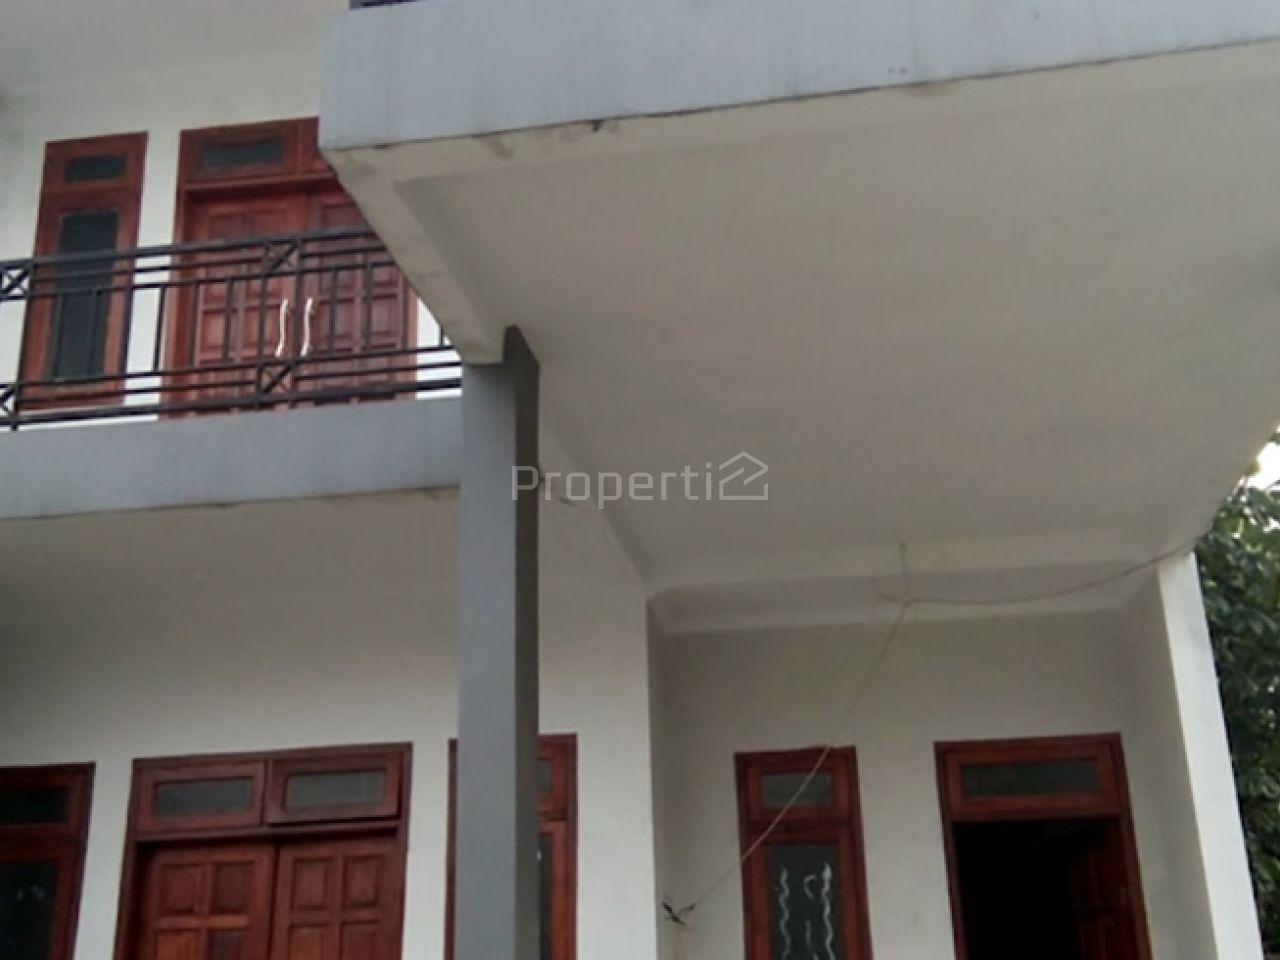 Rumah Baru 2 Lantai Dalam Cluster Sekitar Pasar Rebo, DKI Jakarta